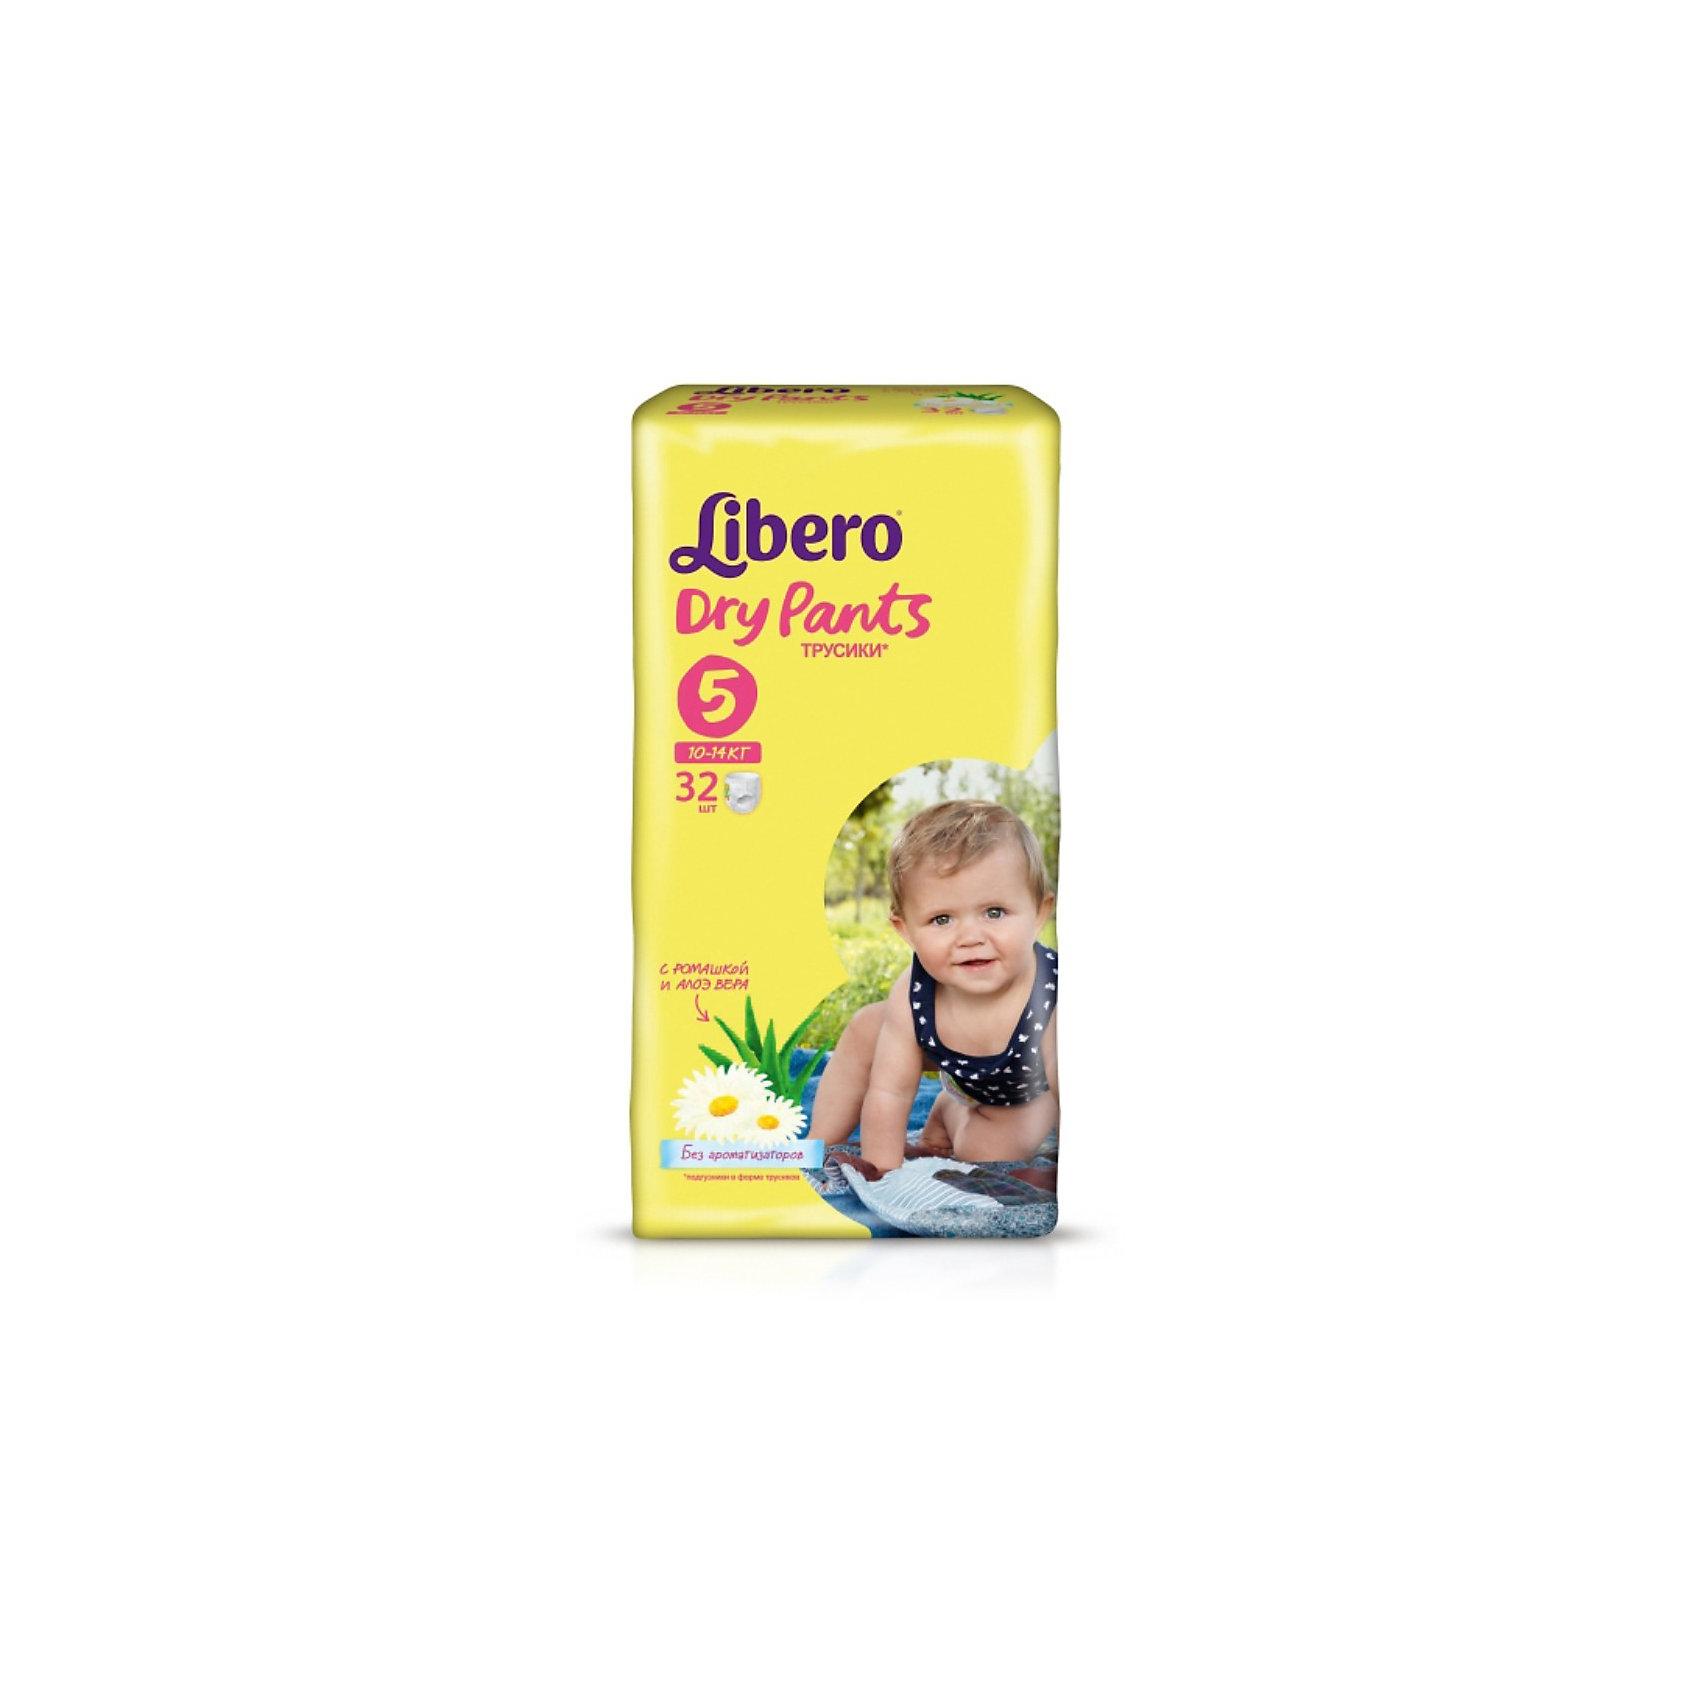 Трусики Libero Dry Pants, Maxi Plus 10-14 кг, 32 шт.Трусики-подгузники<br>Трусики-подгузники Libero Dry Pants (Либеро Драй Пентс) Size 5 (10-14кг), 32 шт.<br><br>Характеристики: <br><br>• легко надевать<br>• мягкие и тонкие трусики<br>• отлично впитывают и удерживают влагу<br>• содержат экстракт ромашки<br>• тянущийся поясок из дышащих материалов<br>• барьеры вокруг ножек защищают от протекания<br>• не сковывают движений<br>• легко снимать и сворачивать<br>• размер: 5 (10-14 кг)<br>• количество в упаковке: 32 шт.<br><br>Если ваш малыш не любит спокойно ждать пока вы его переоденете, то трусики-подгузники Libero Dry Pants станут для вас прекрасным решением. Они легко надеваются, как обычное белье и также легко снимаются при разрывании боковых швов. Трусики очень мягкие и тонкие, при этом они отлично впитывают и удерживают влагу, не стесняя движений крохи. Экстракт ромашки и алоэ успокоит нежную кожу малыша. Высокие барьеры и эластичный поясок препятствуют протеканию.  После использования вы легко сможете свернуть трусики и заклеить из специальной клейкой лентой. Яркая упаковка и привлекательный дизайн превратят процесс переодевания в веселую игру!<br><br>Трусики-подгузники Libero Dry Pants Size 5 (10-14кг), 32 шт. вы можете купить в нашем интернет-магазине.<br><br>Ширина мм: 147<br>Глубина мм: 195<br>Высота мм: 360<br>Вес г: 1175<br>Возраст от месяцев: 6<br>Возраст до месяцев: 36<br>Пол: Унисекс<br>Возраст: Детский<br>SKU: 3517633